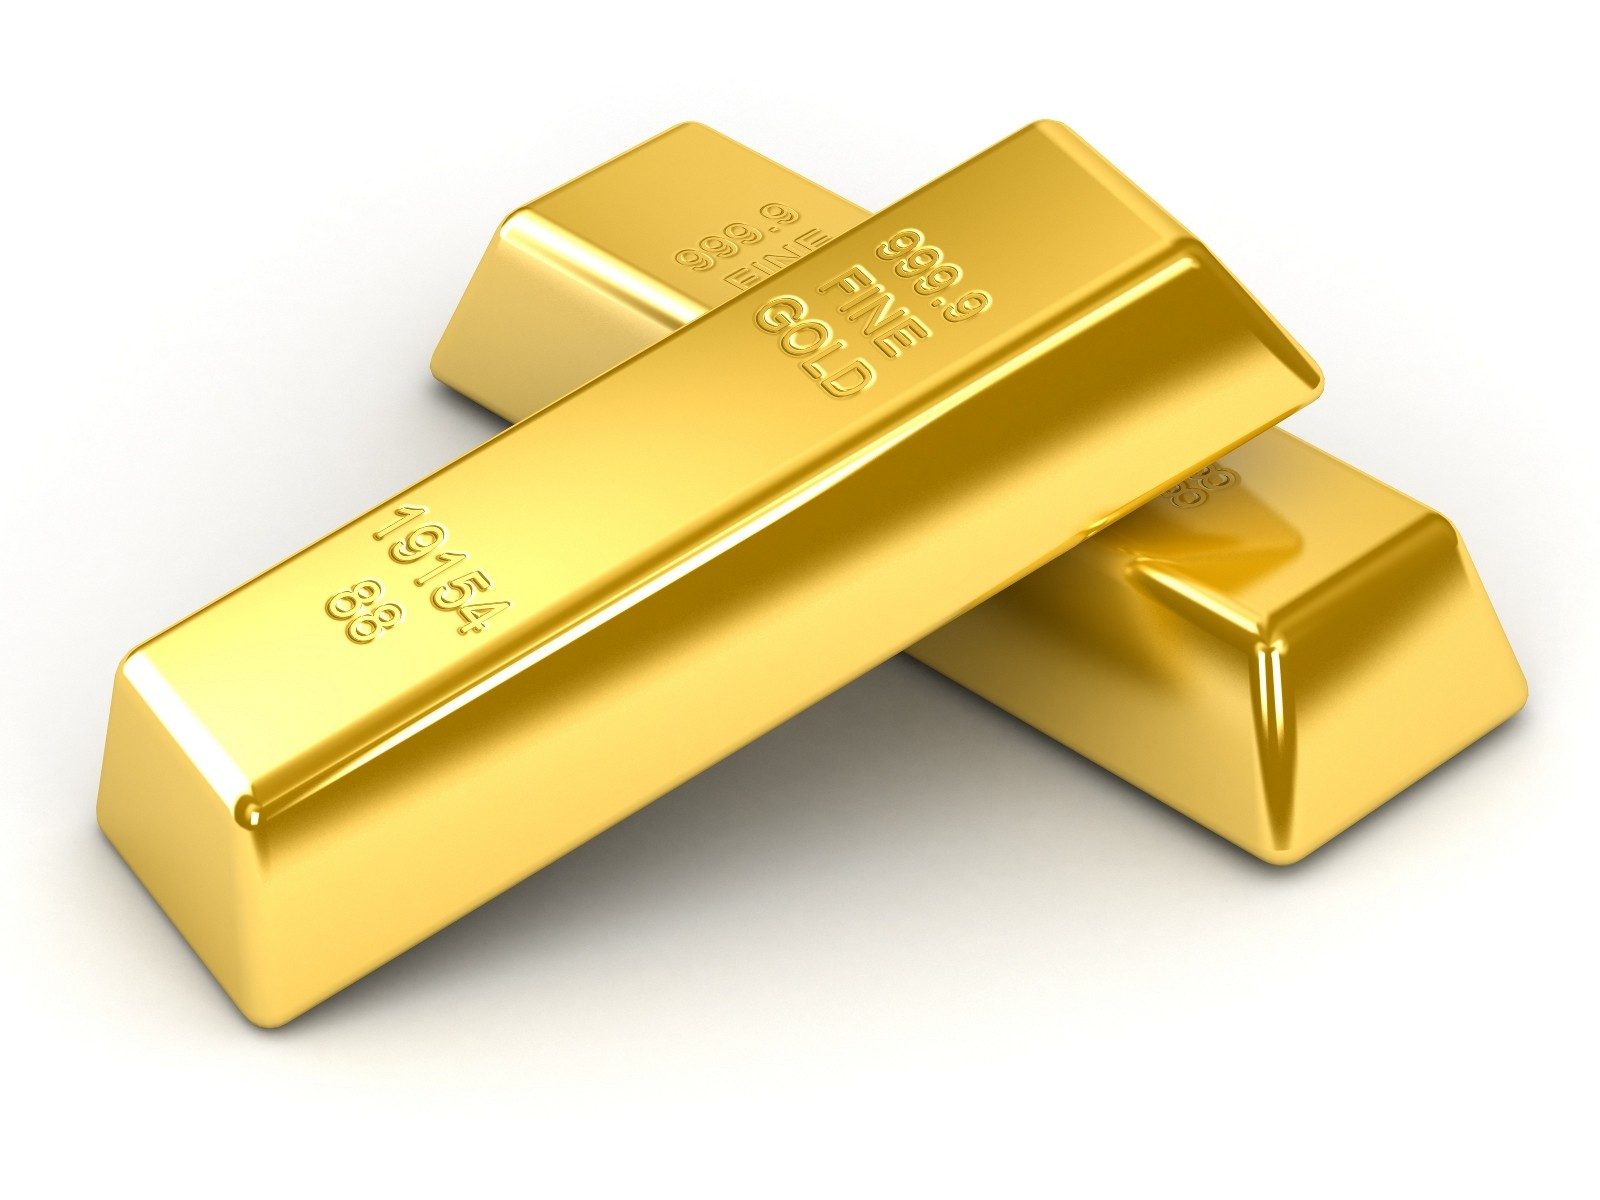 Волошин: цены на золото замерли до сентября